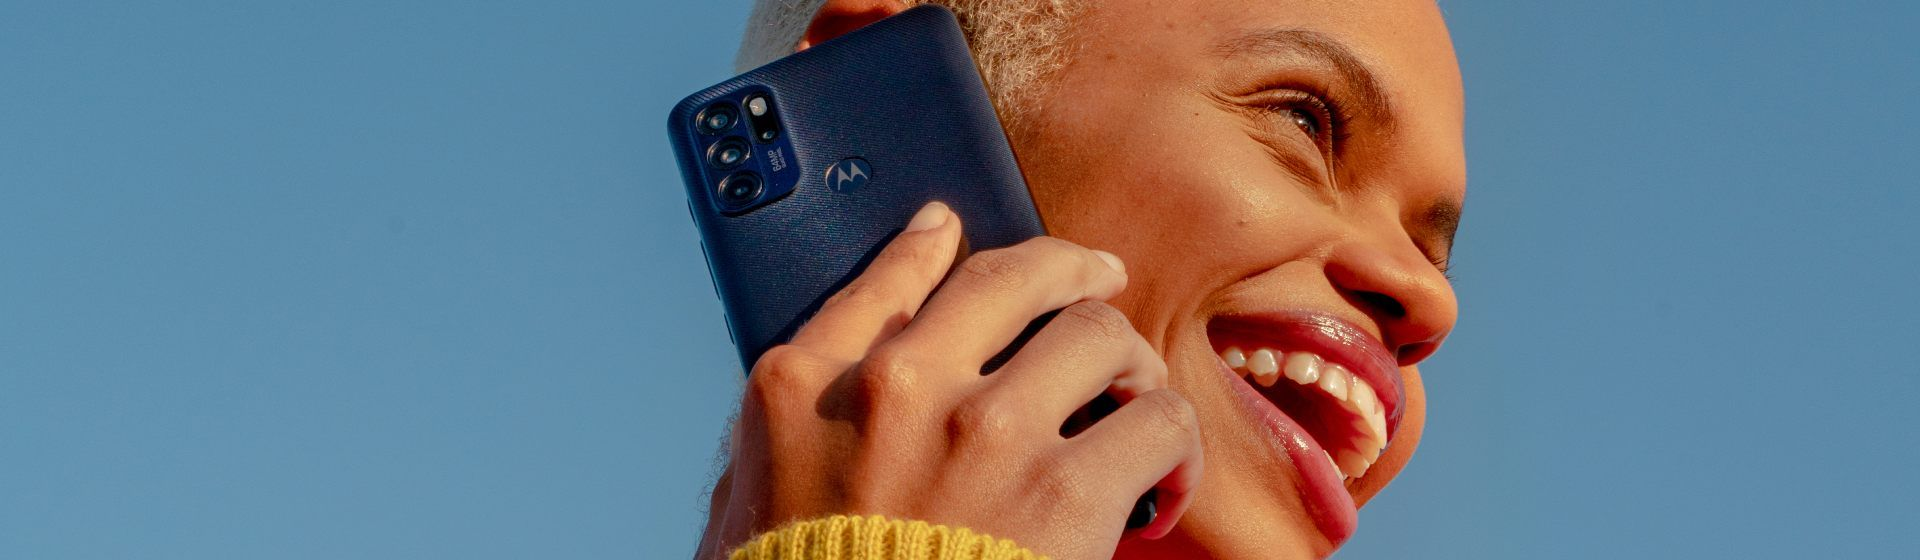 Moto G60s é bom? Conheça o novo modelo da Motorola